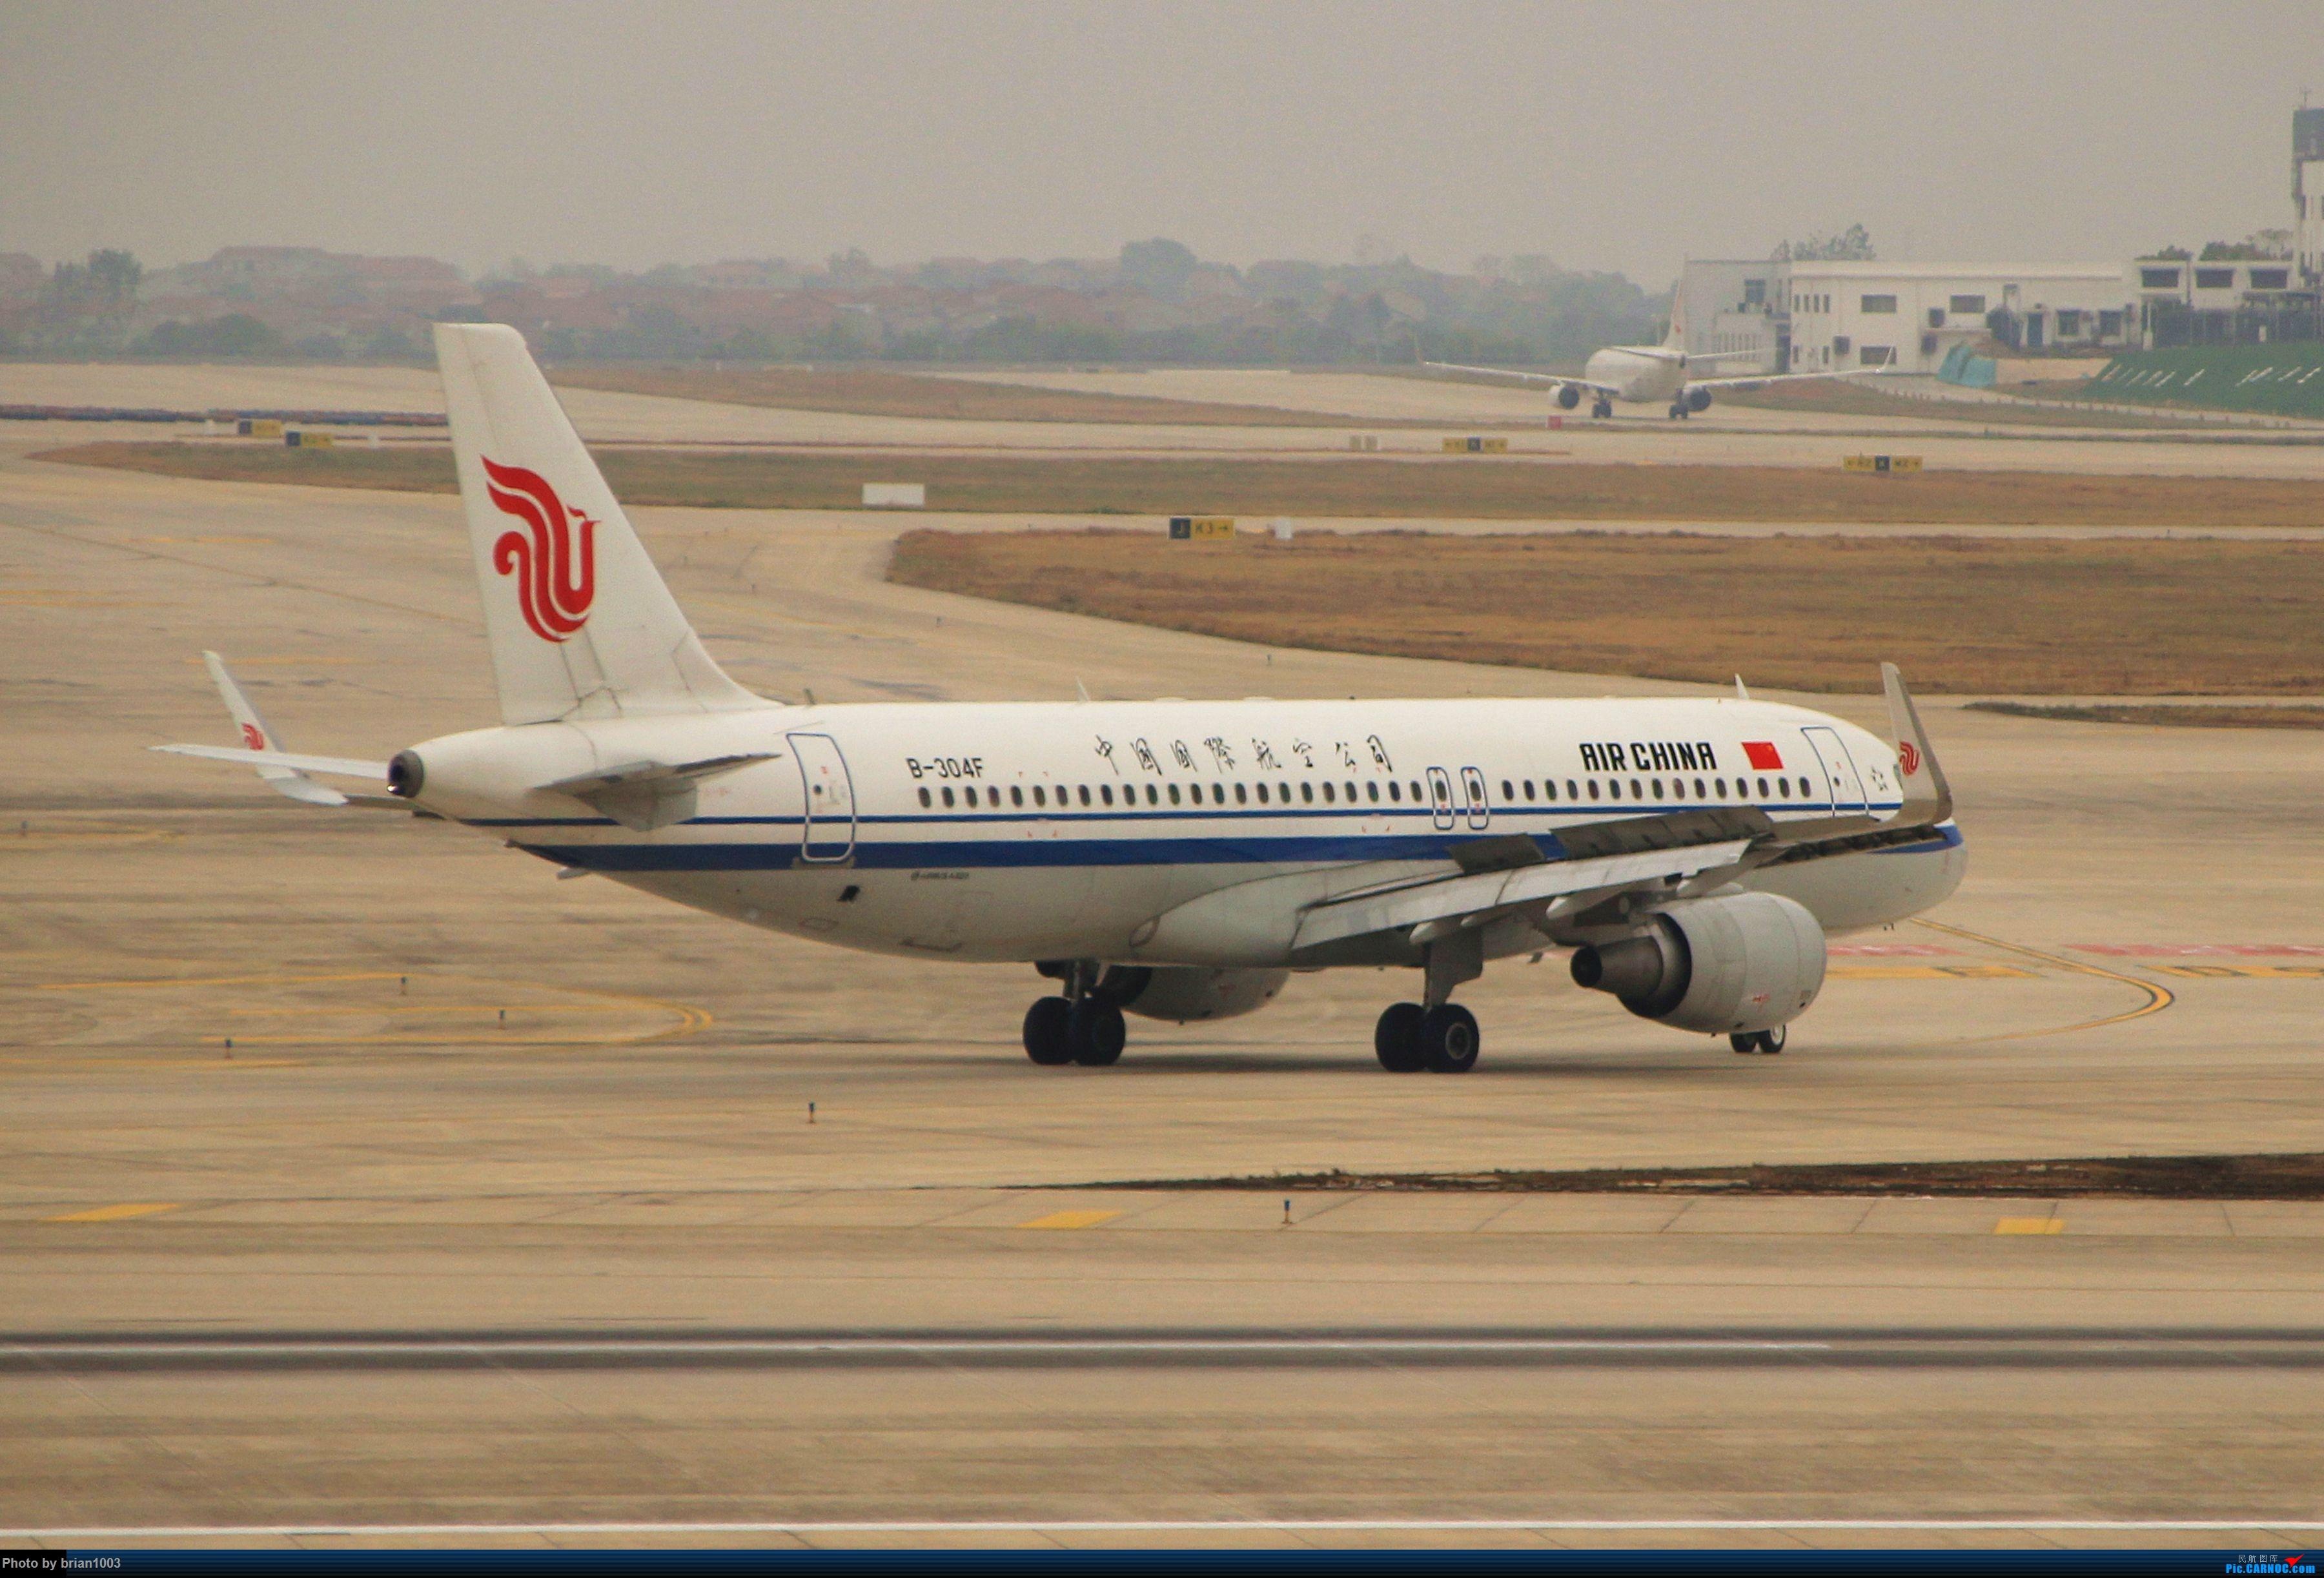 Re:[原创]WUH武汉天河机场拍机之精彩满满的十月(还可能更新) AIRBUS A320-200 B-304F 中国武汉天河国际机场